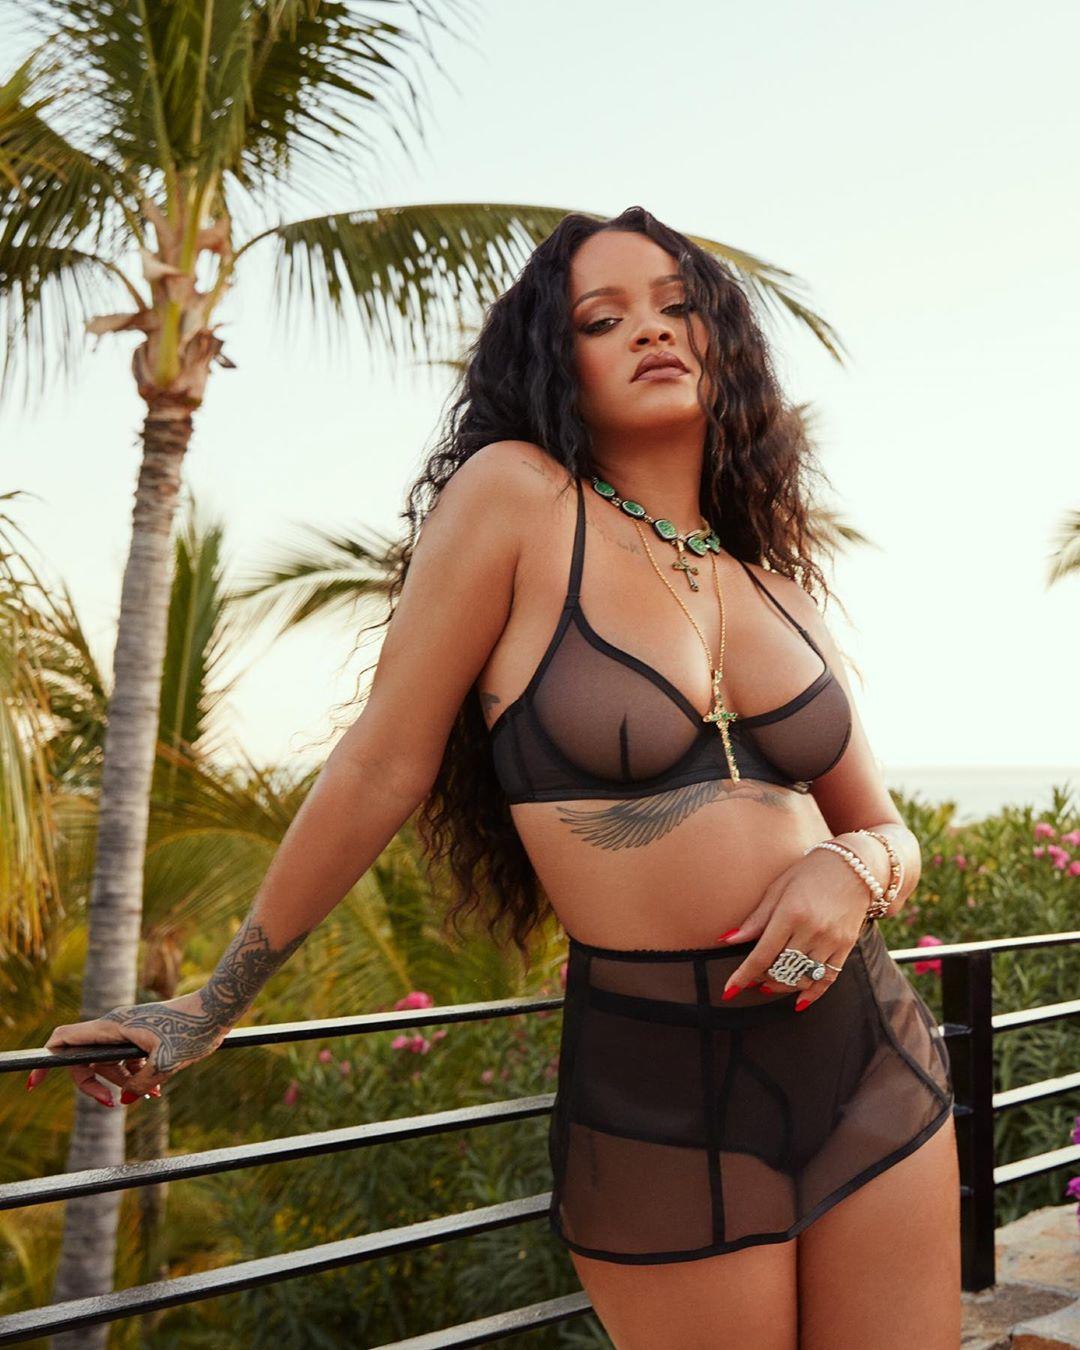 Erotik pozlarıyla tanınan dünyaca ünlü şarkıcı Rihanna siyah transparan sexy iç çamaşırlarıyla kamera karşısına geçip cesur pozlar verdi. En seksi ünlü kadınların HD resimleri.